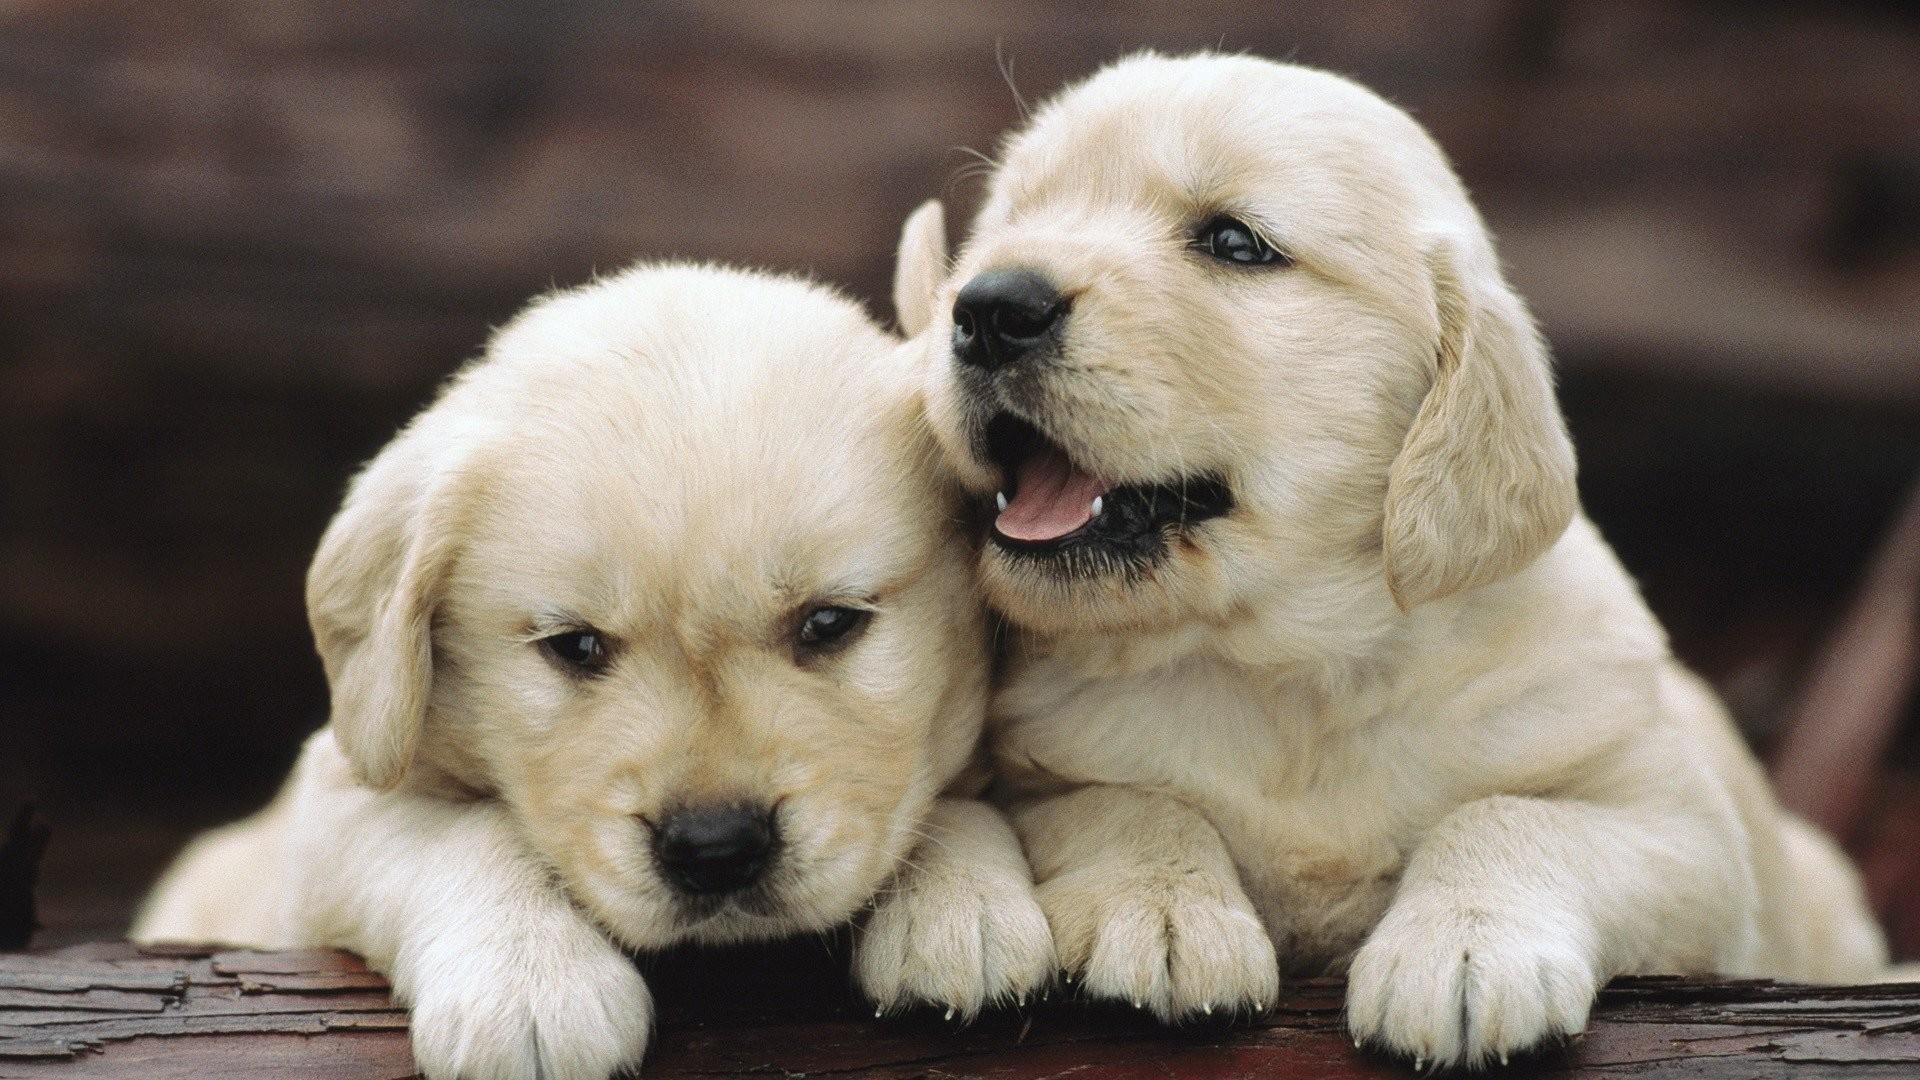 Cute Puppy Wallpaper Hd Golden Retriever Puppies 118613 Hd Wallpaper Backgrounds Download